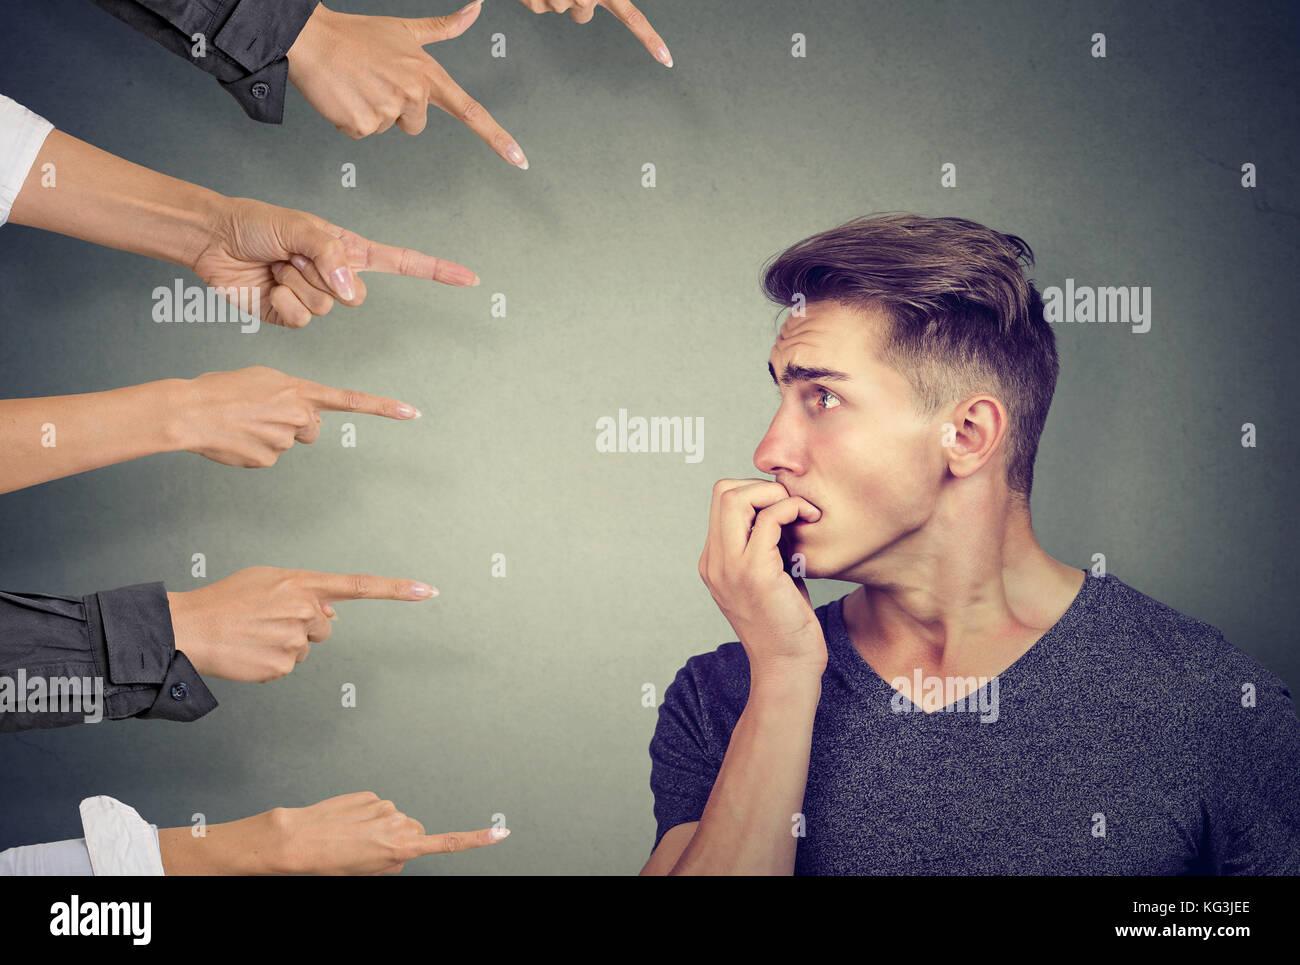 Ansiosi uomo giudicato da diverse persone. concetto di accusa di colpevole guy. negativa emozioni umane faccia sensazione Immagini Stock